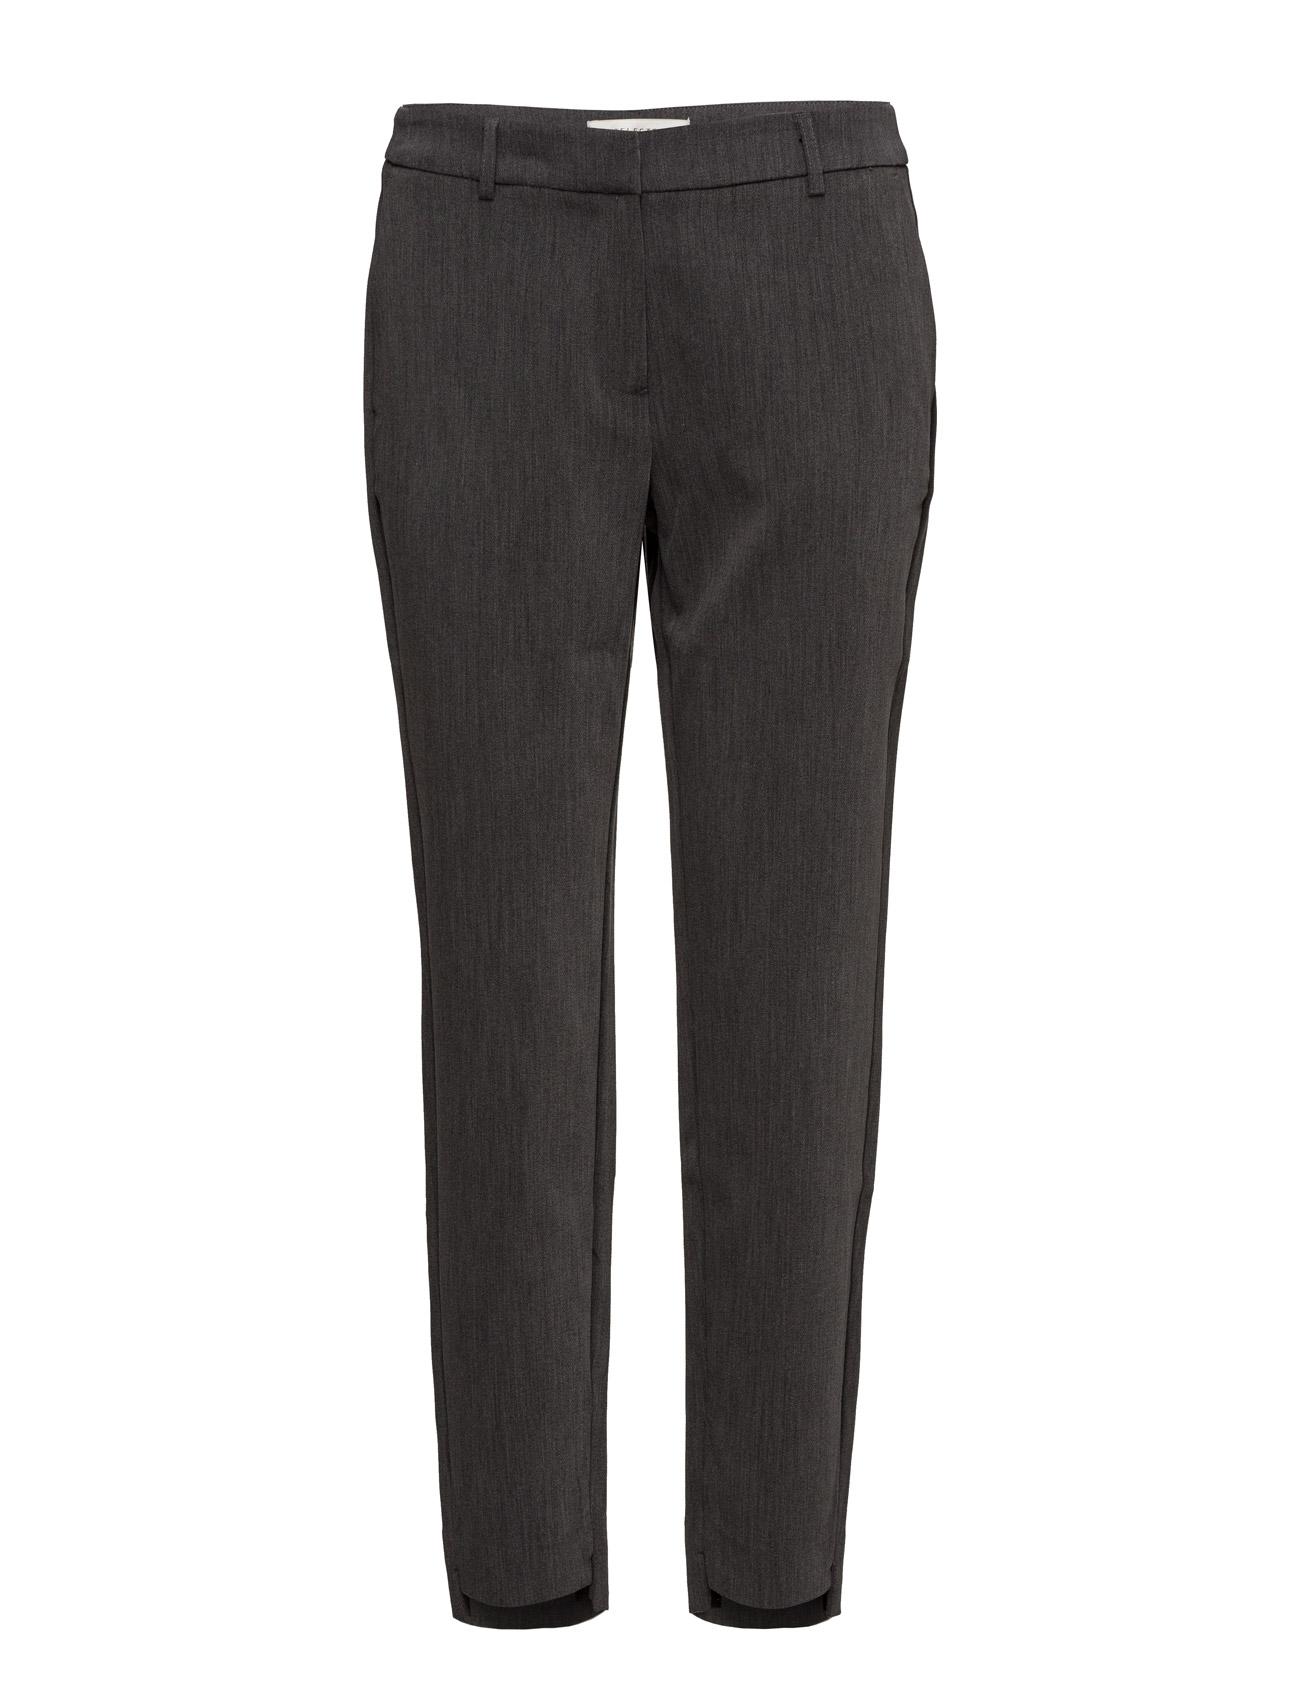 Sfamila Mw Pant Noos Selected Femme Bukser til Damer i Mørk grå